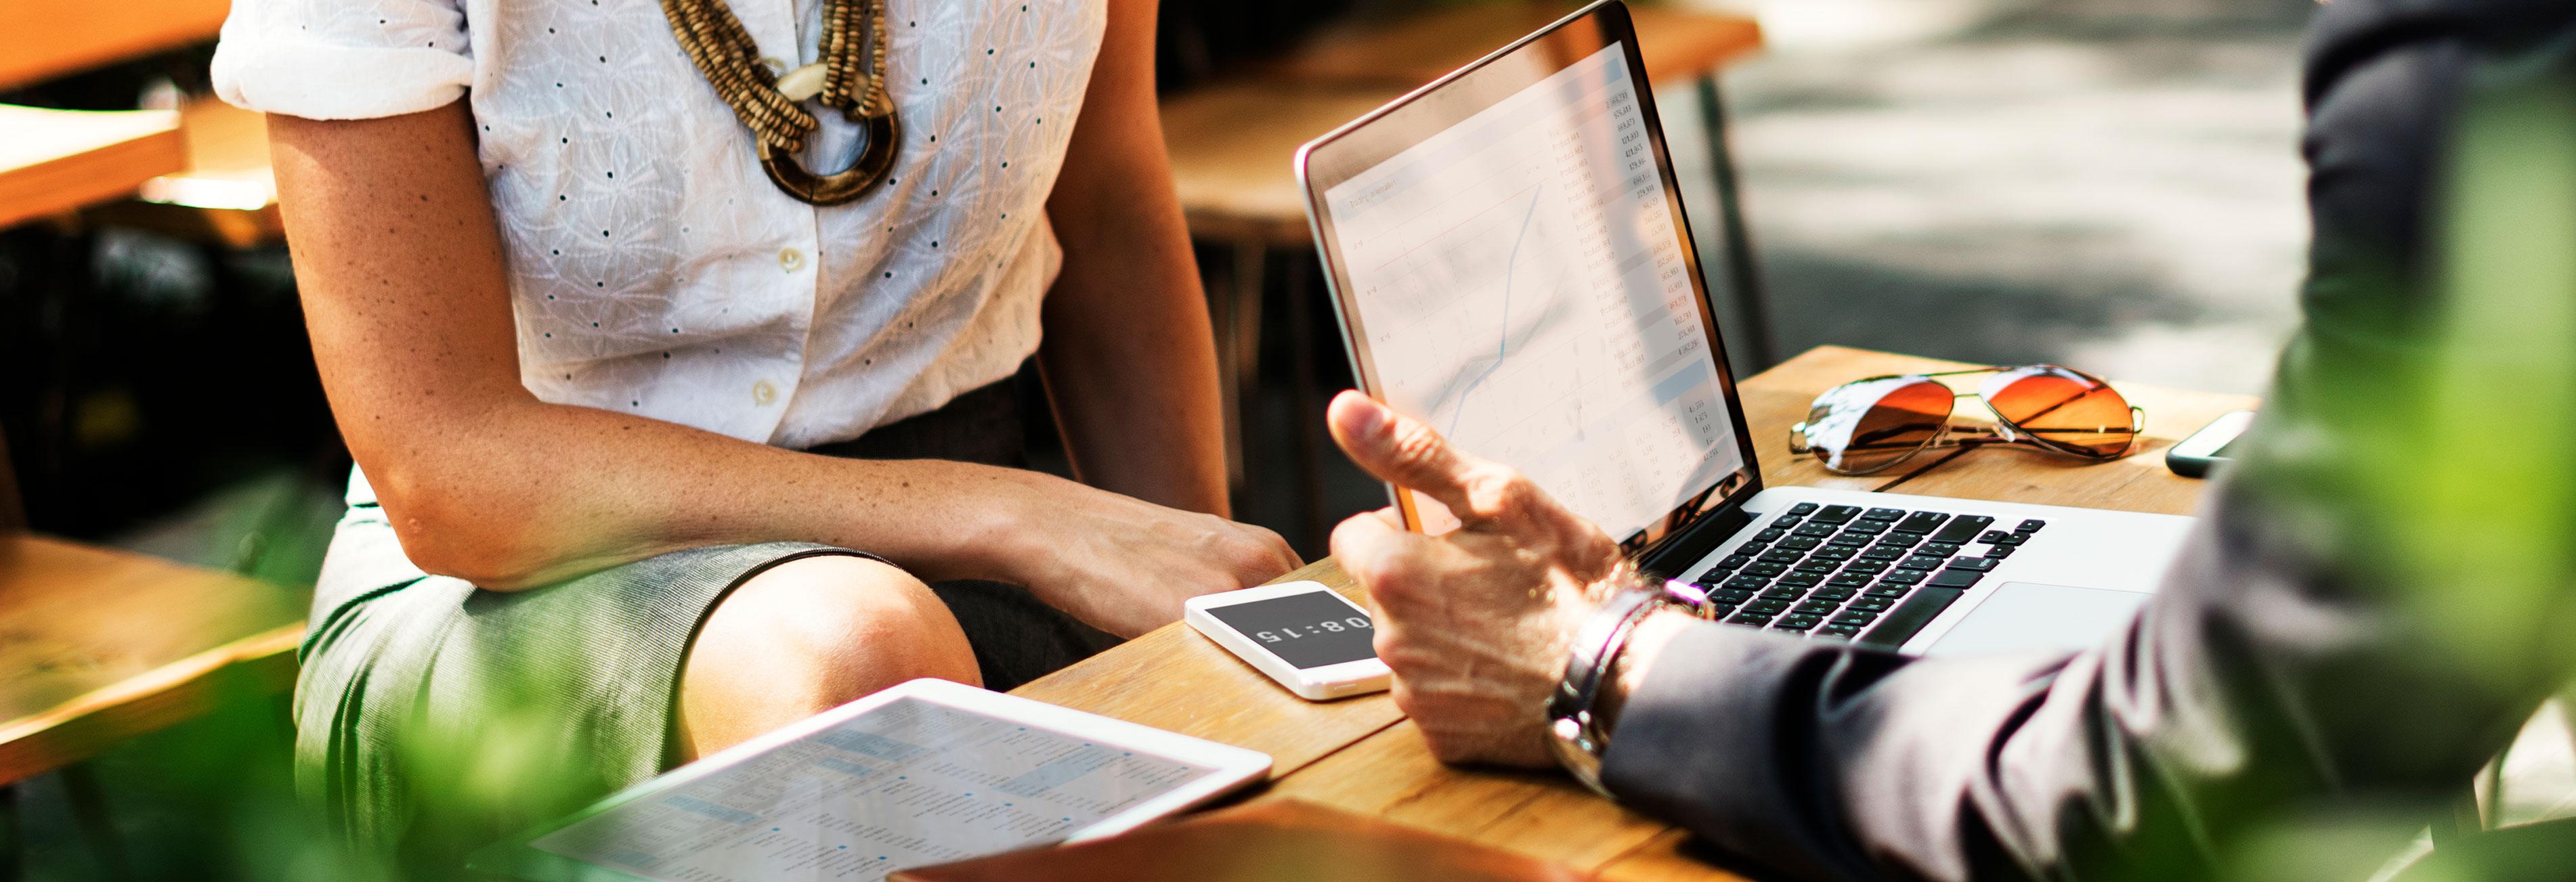 Consultorias & Coaching